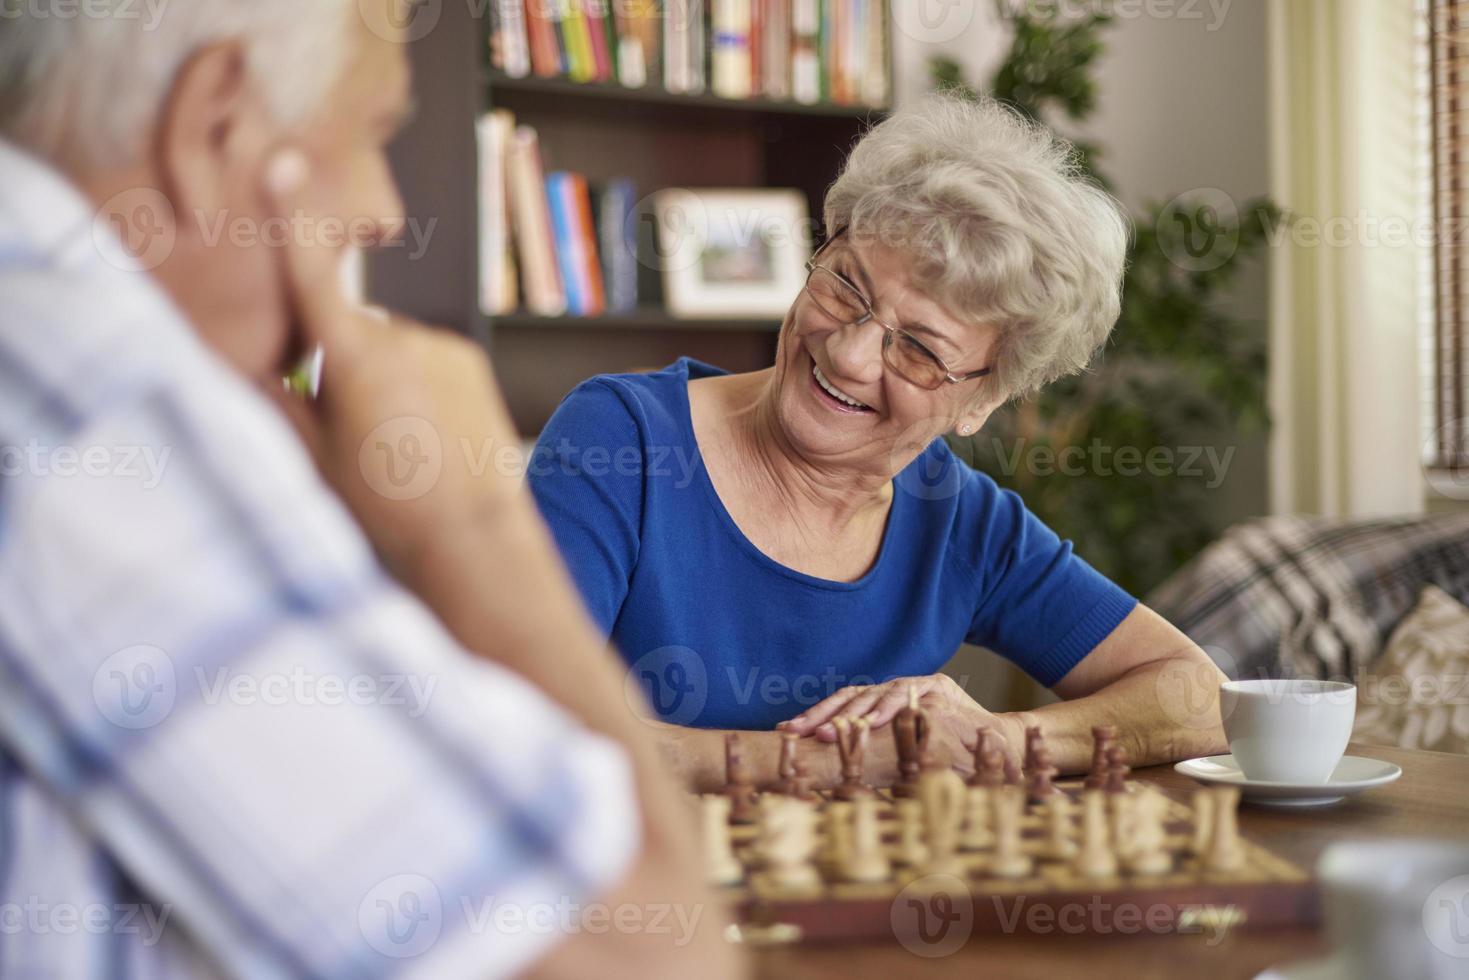 schaken is een goede manier om te ontspannen foto